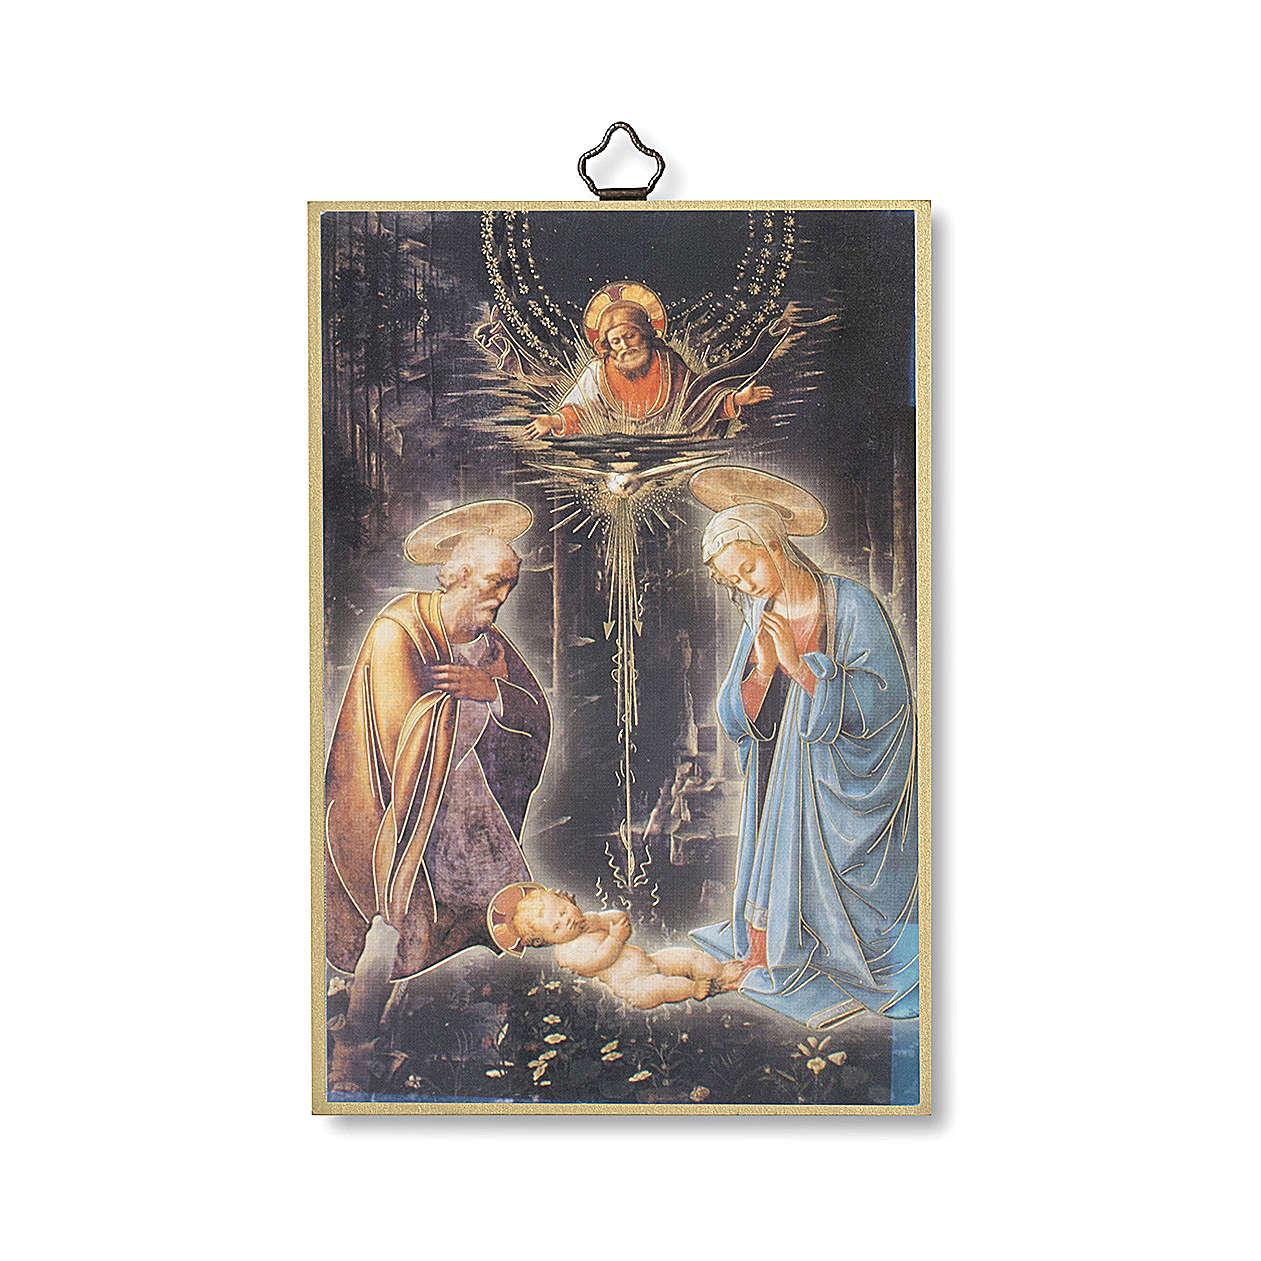 Estmapa sobre madera Natividad con oración Tu Scendi dalle Stelle ita 3